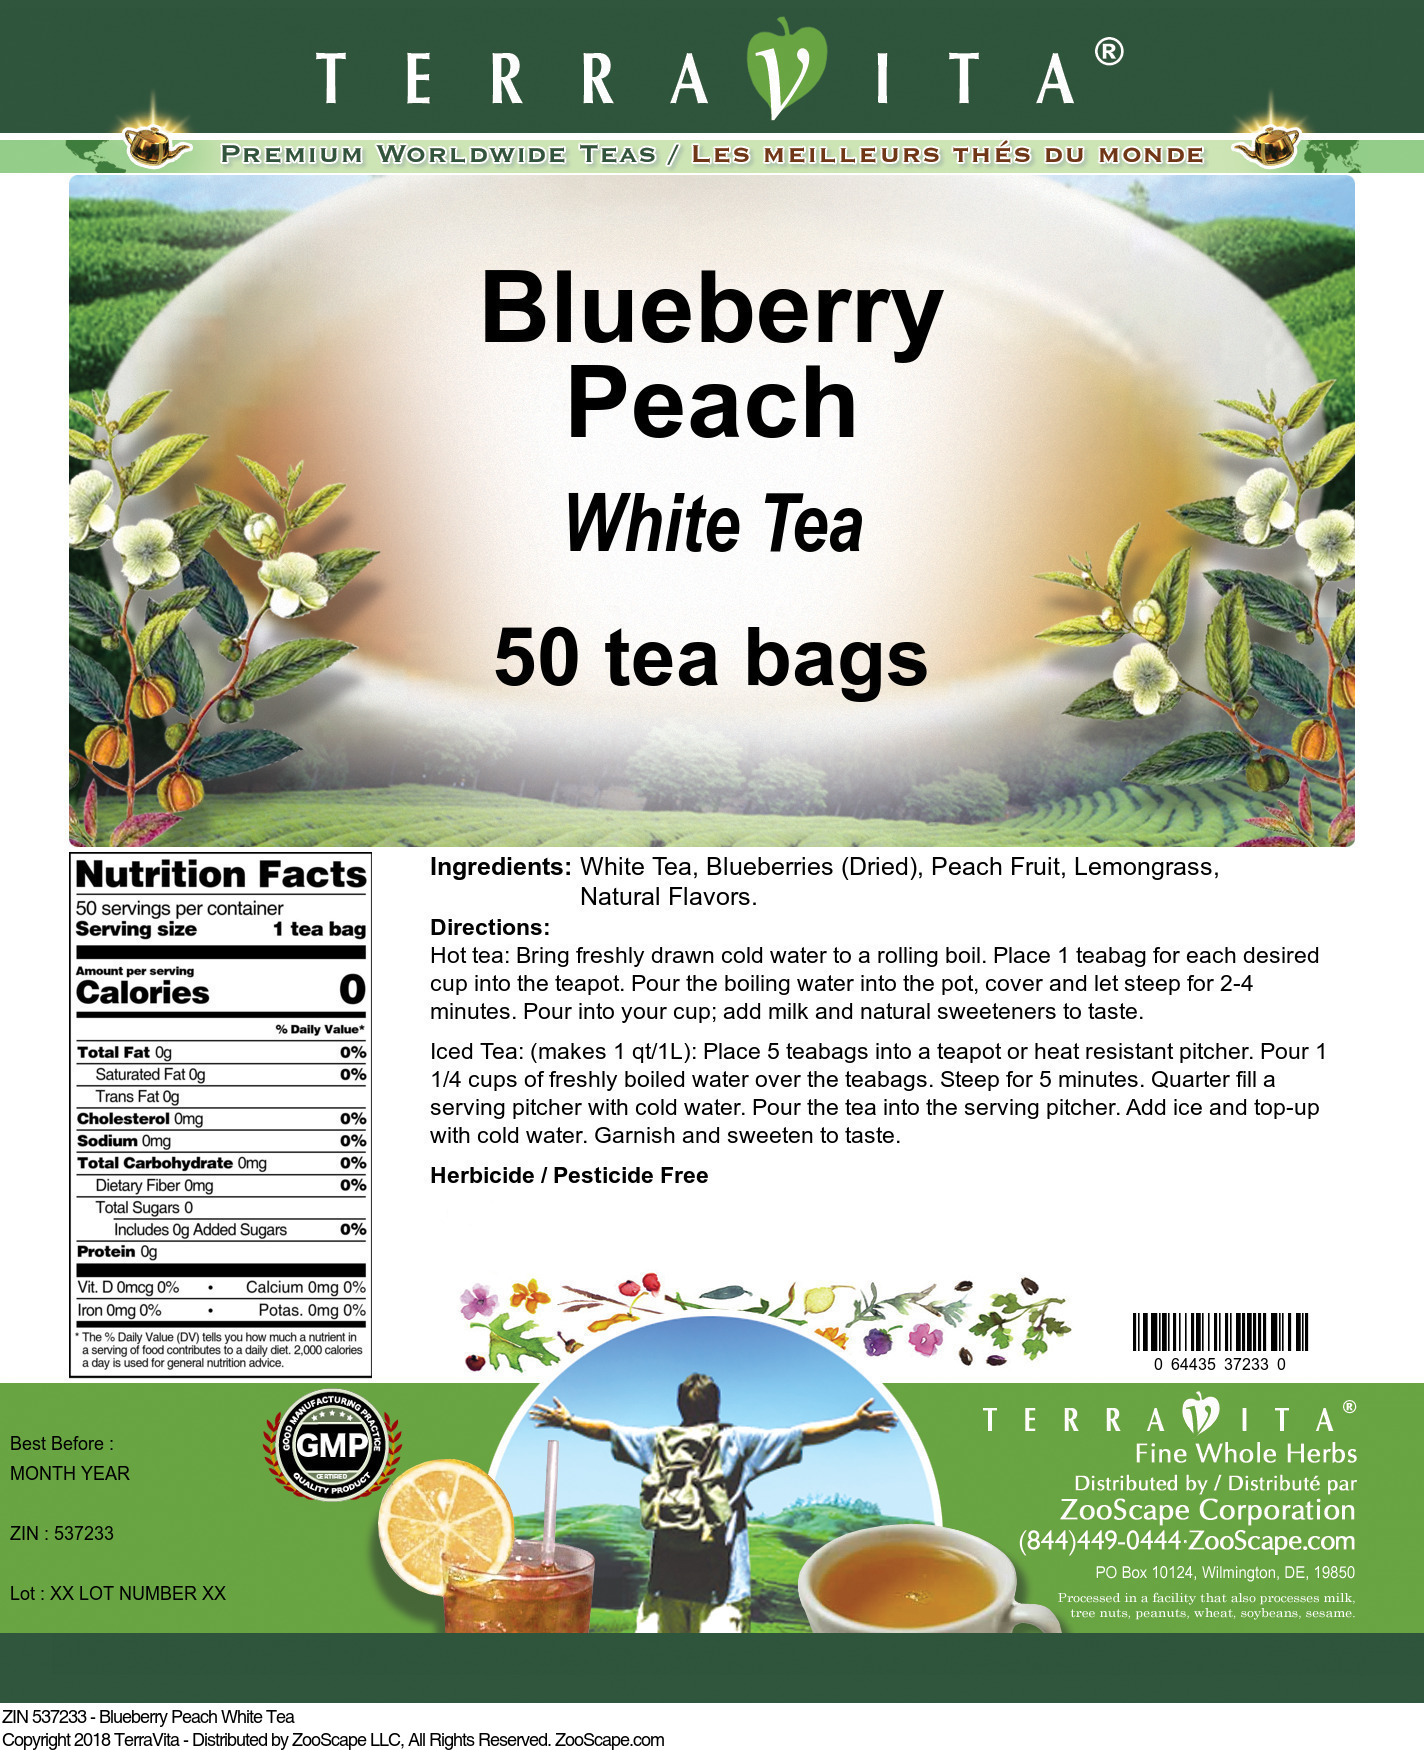 Blueberry Peach White Tea